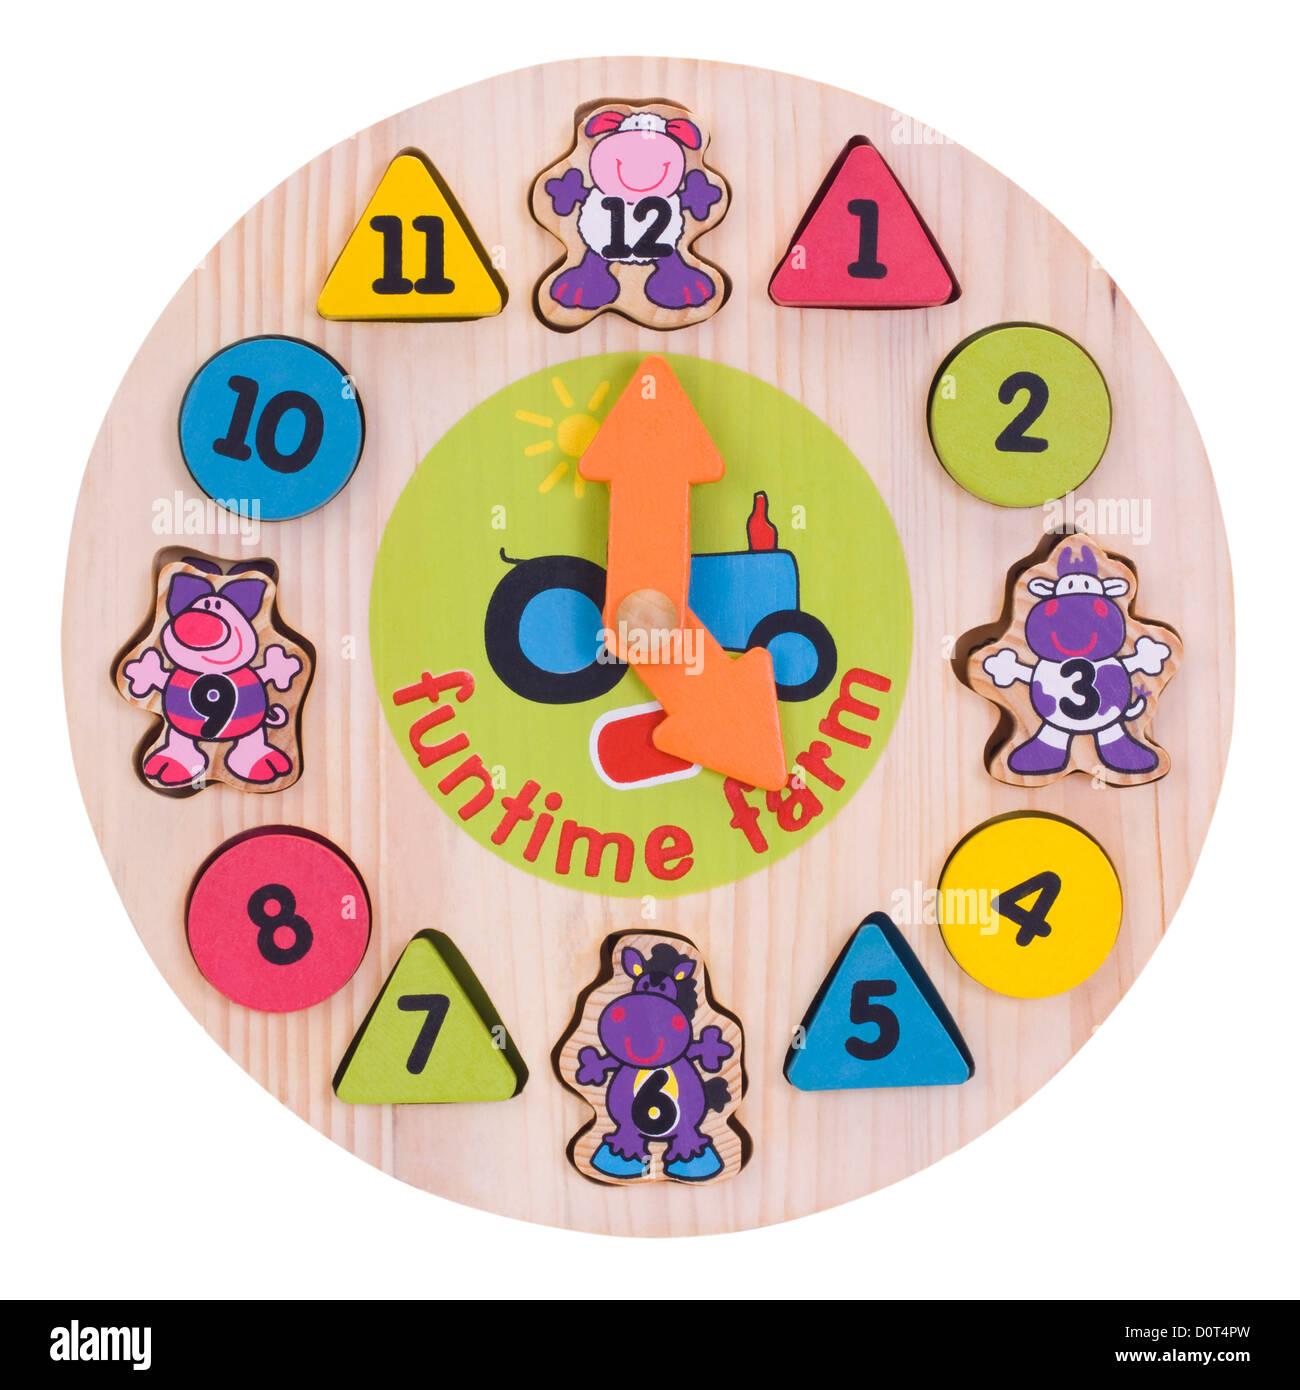 Cartoon Wall Clock Stock Photos Cartoon Wall Clock Stock Images